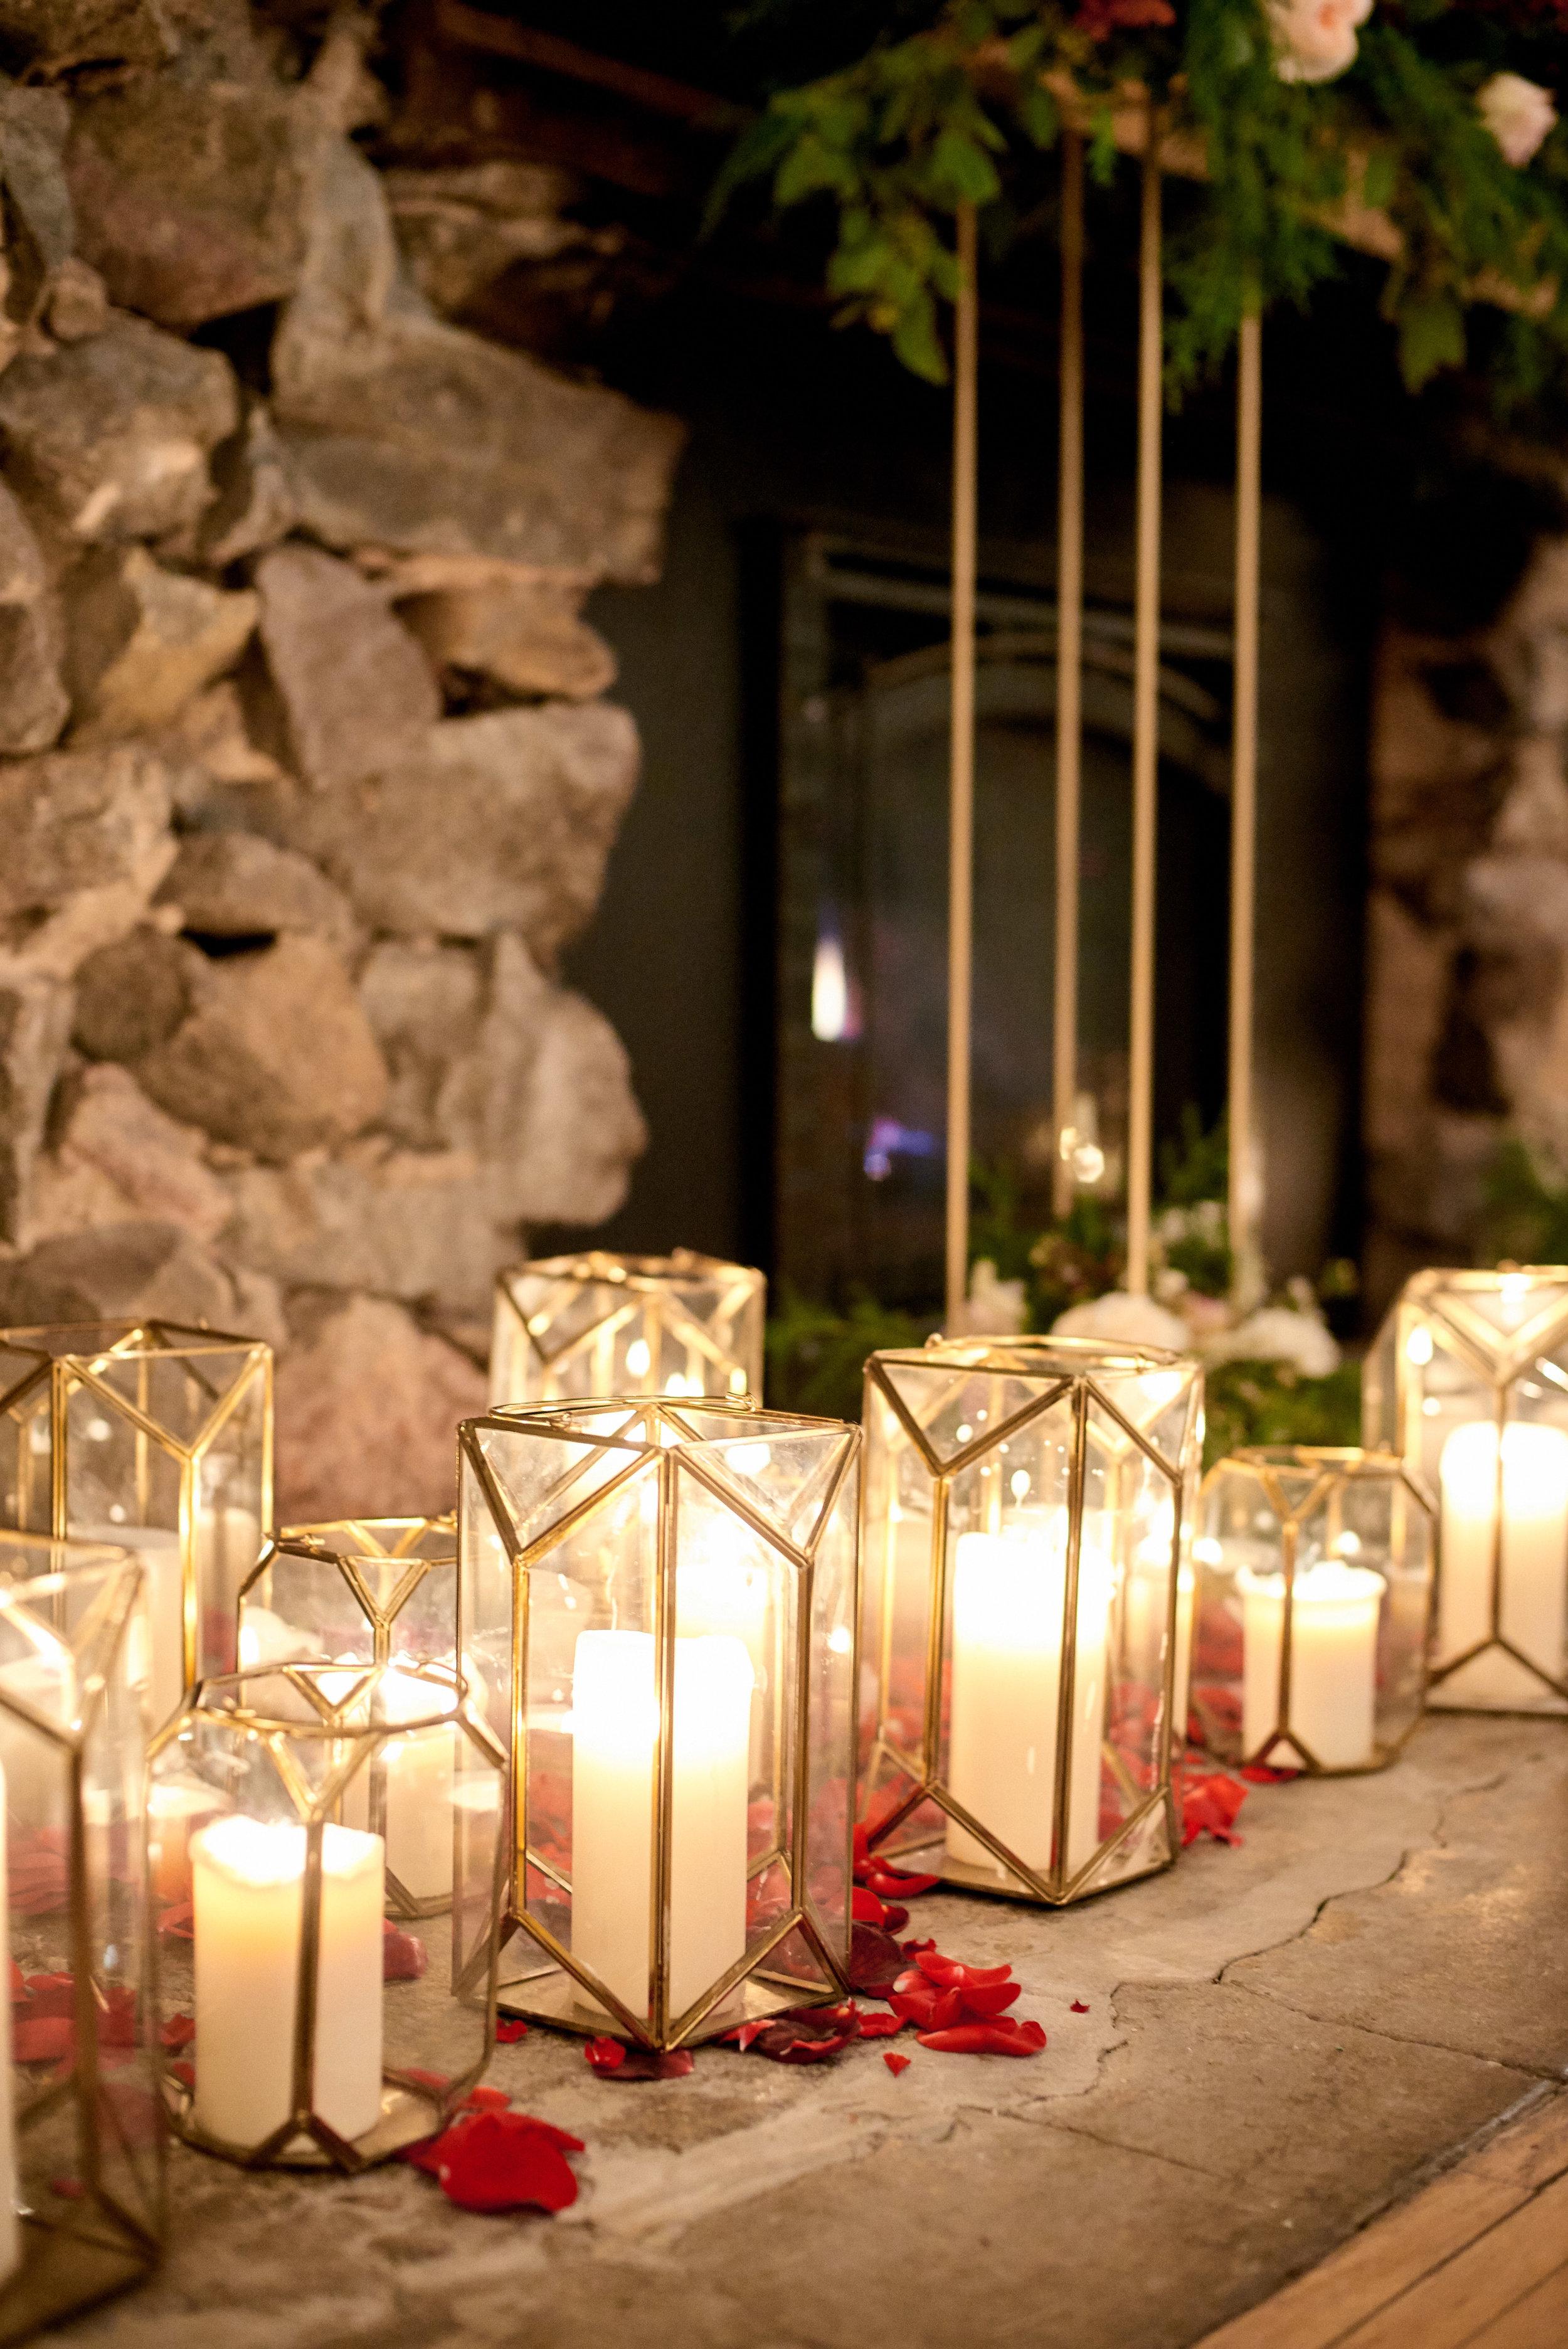 667-rothschild-pavilion-winter-wedding.jpg